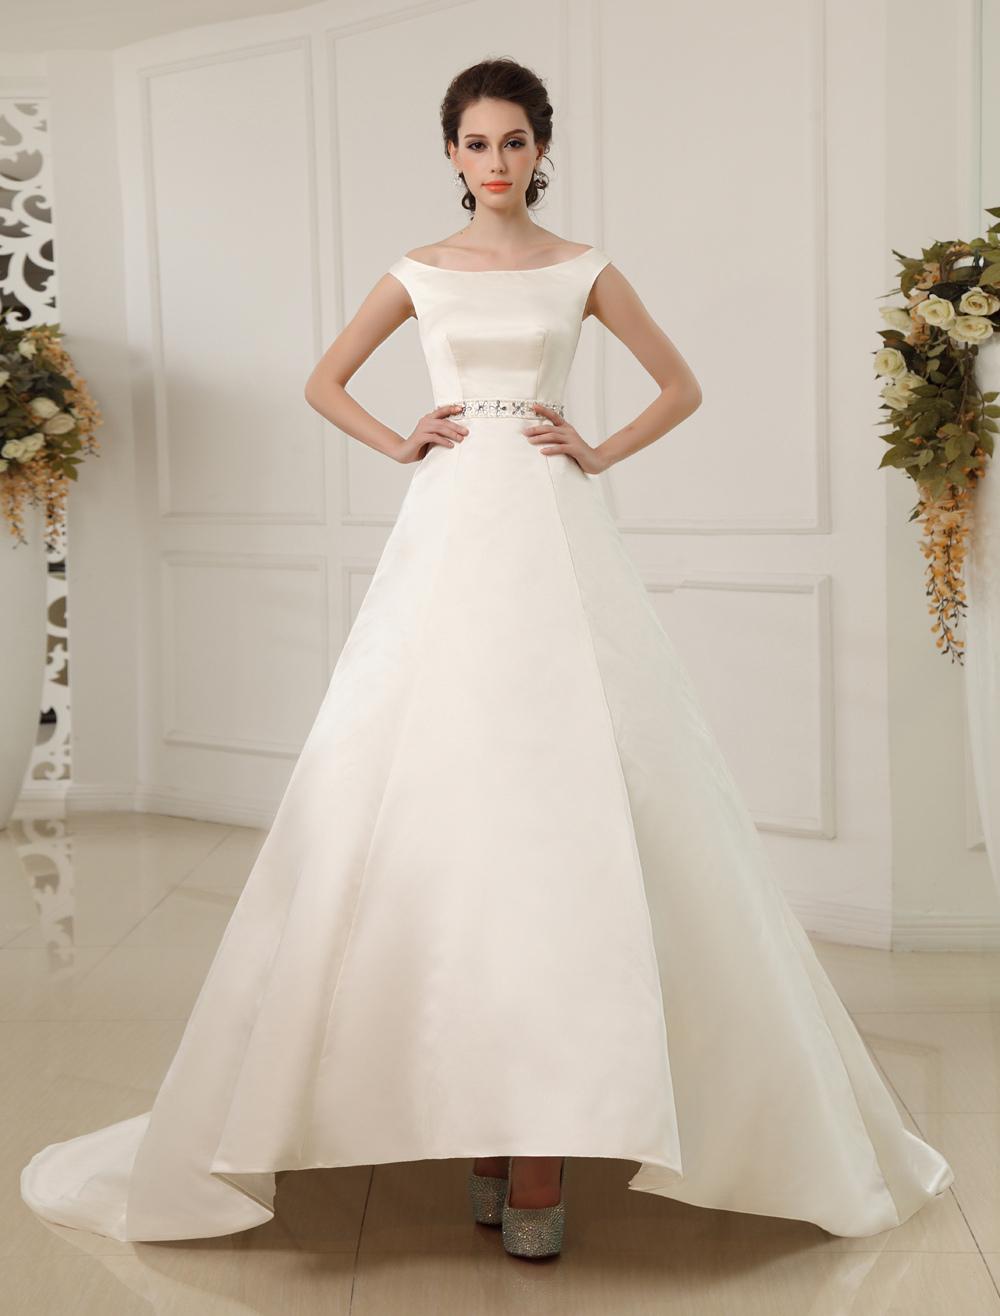 2d8e0afd61 Court Train A-line Off-The-Shoulder Beaded Ivory Wedding Dress with Bateau  Neck Milanoo - Milanoo.com